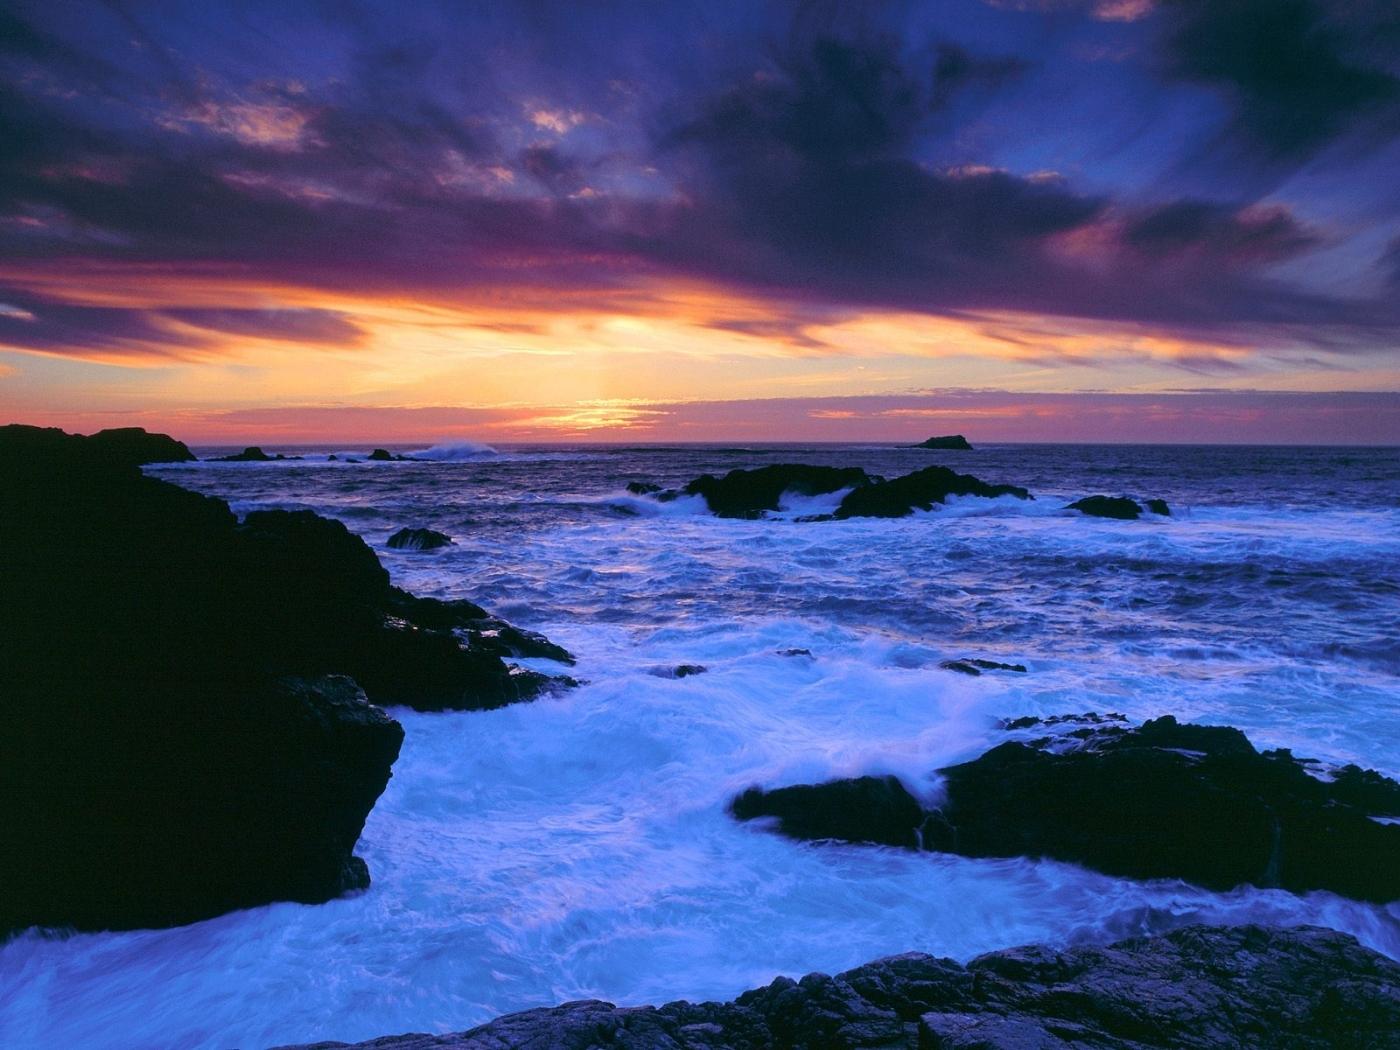 24289 скачать обои Пейзаж, Закат, Море, Облака, Волны - заставки и картинки бесплатно